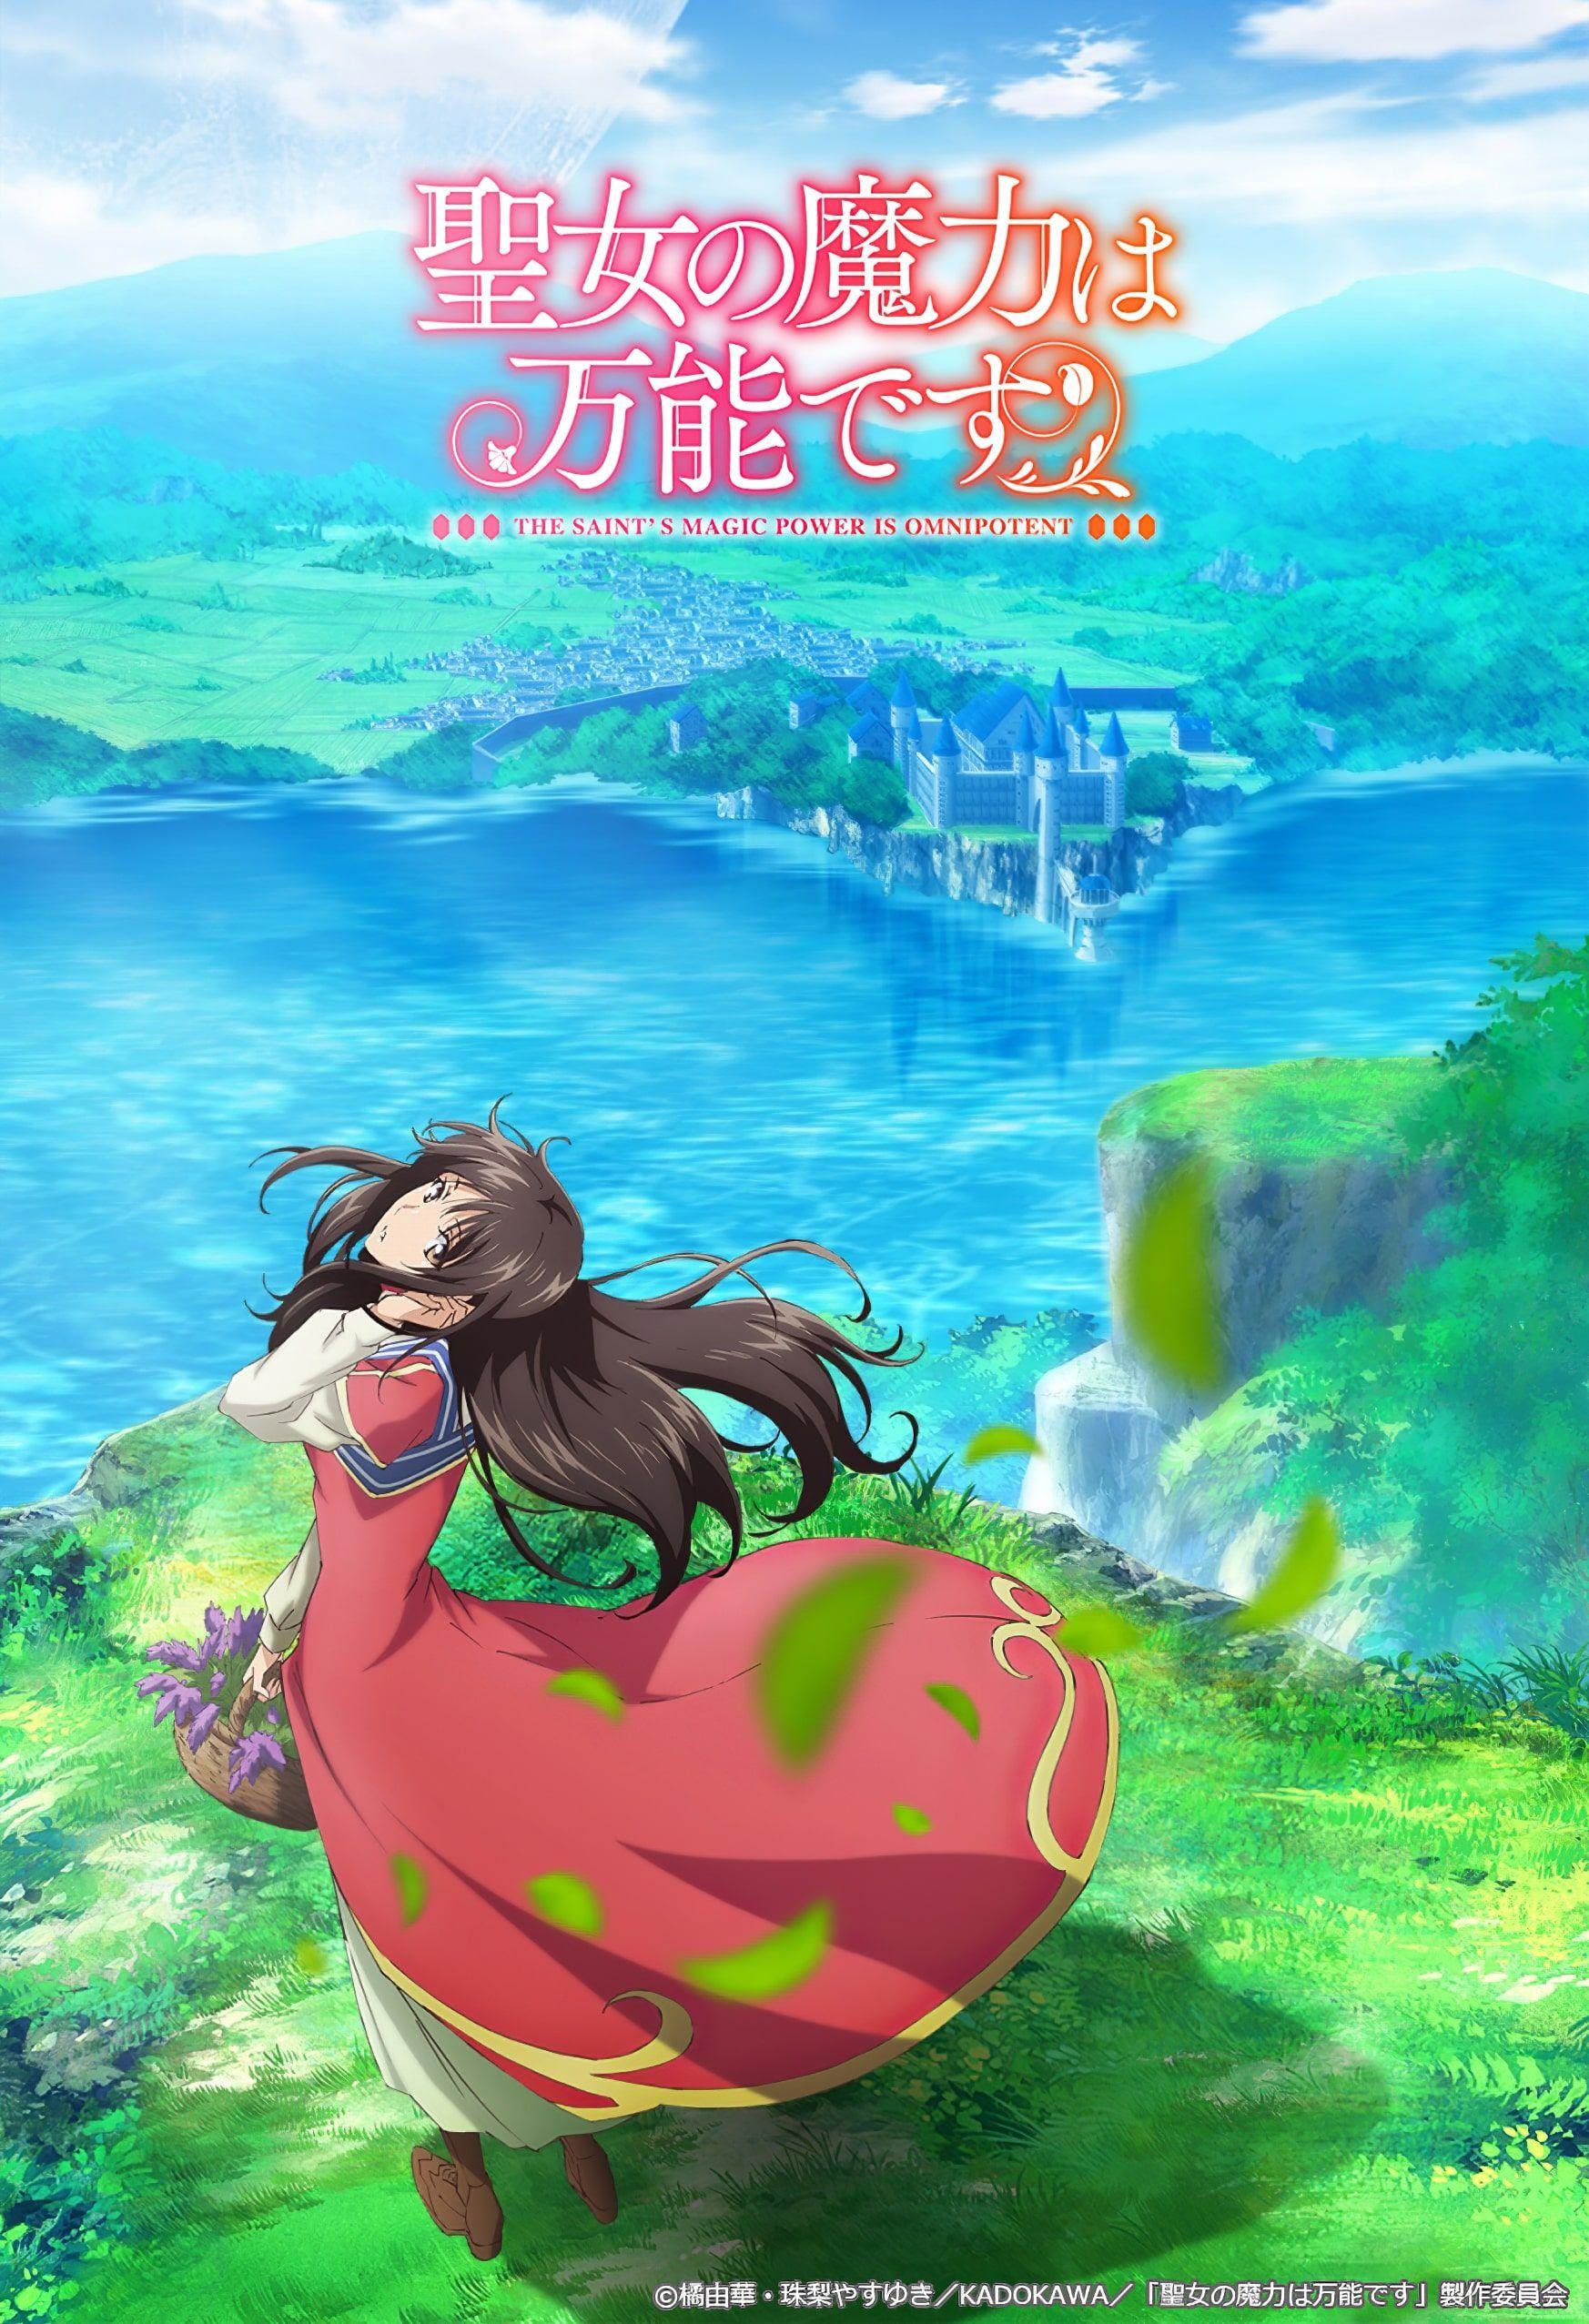 http://www.animezonedex.com/2021/07/seijo-no-maryoku-wa-bannou-desu.html